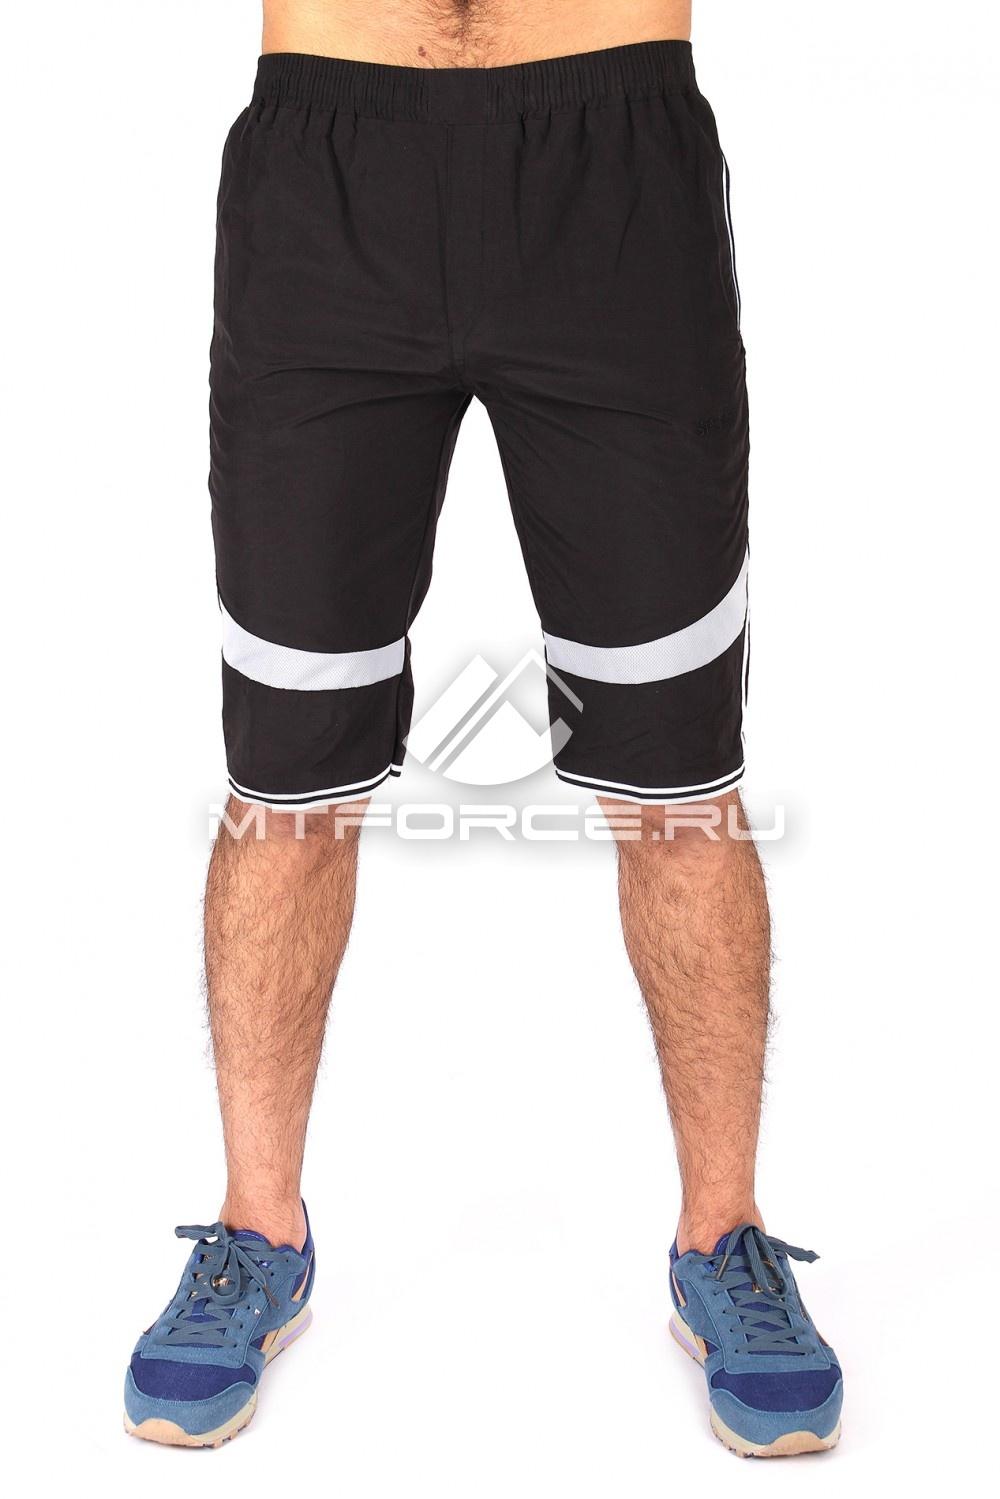 Купить                                  оптом Спортивные шорты черного цвета 717Ch